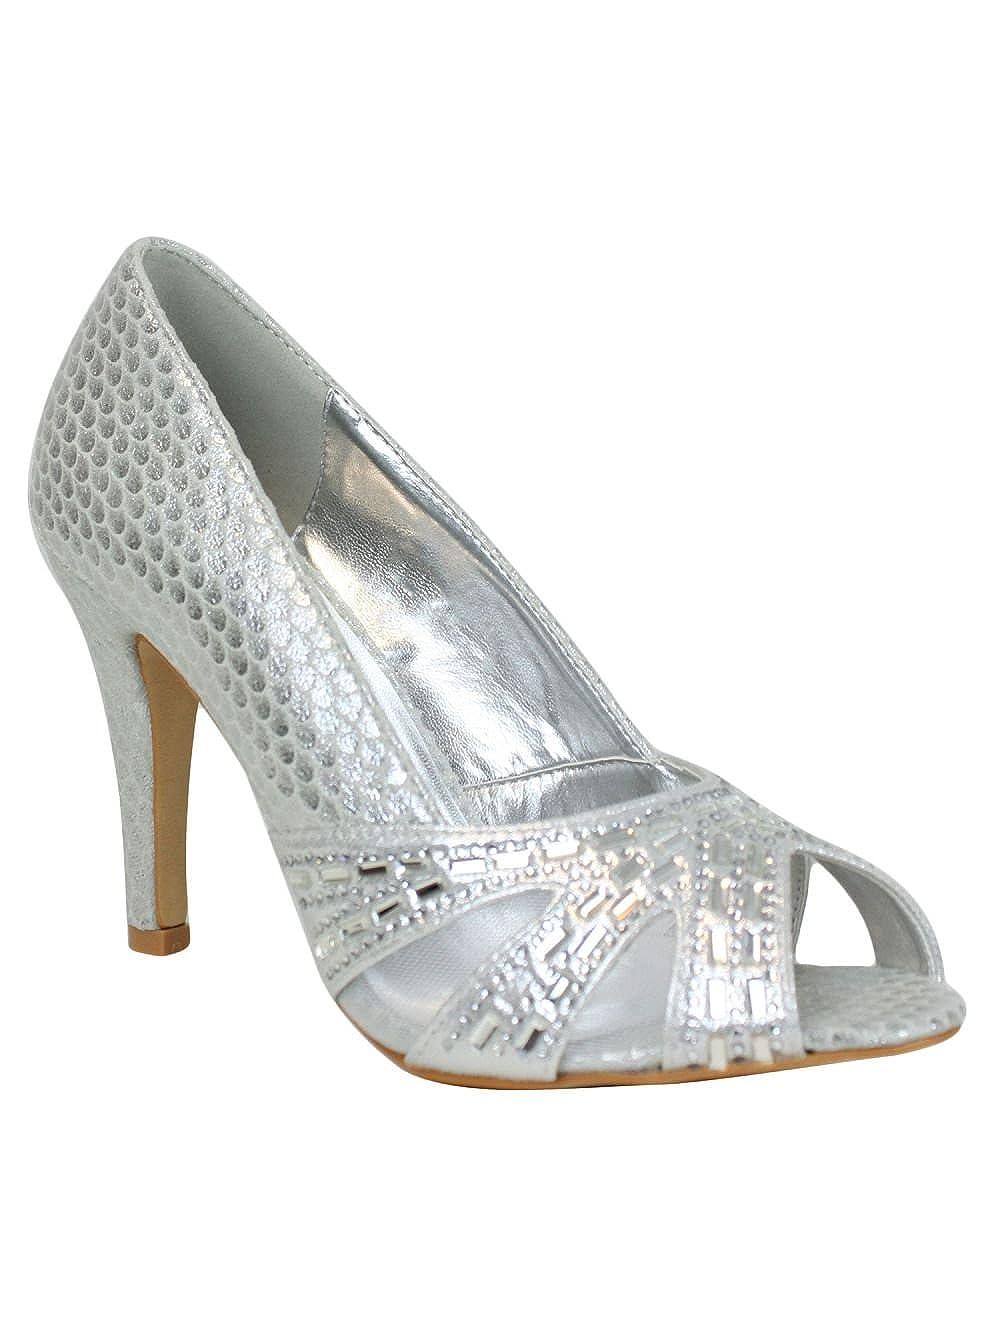 Kebello - - Kebello Schuhe MM204 Silber ee9928